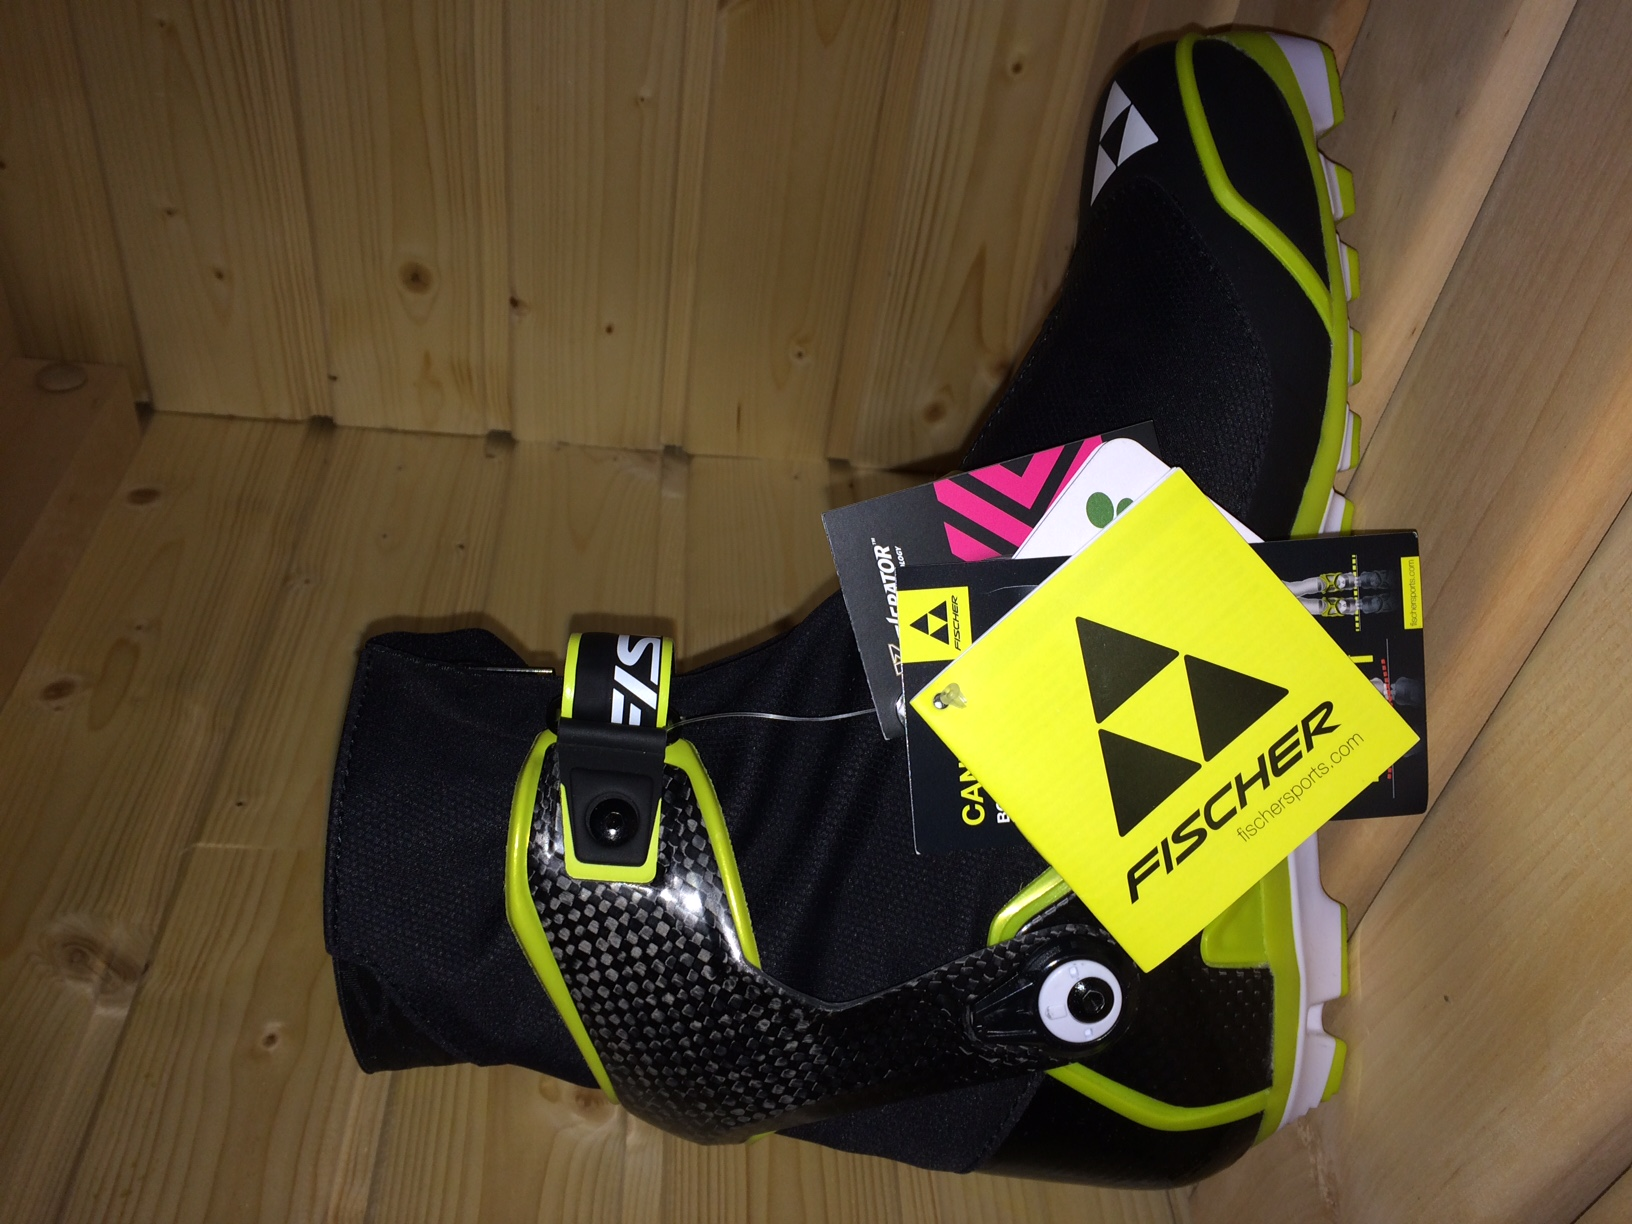 Nové závodní běžecké boty 14 15 Fischer SKATE vel. - Bazar - Běžky.net 68a7aeab28e